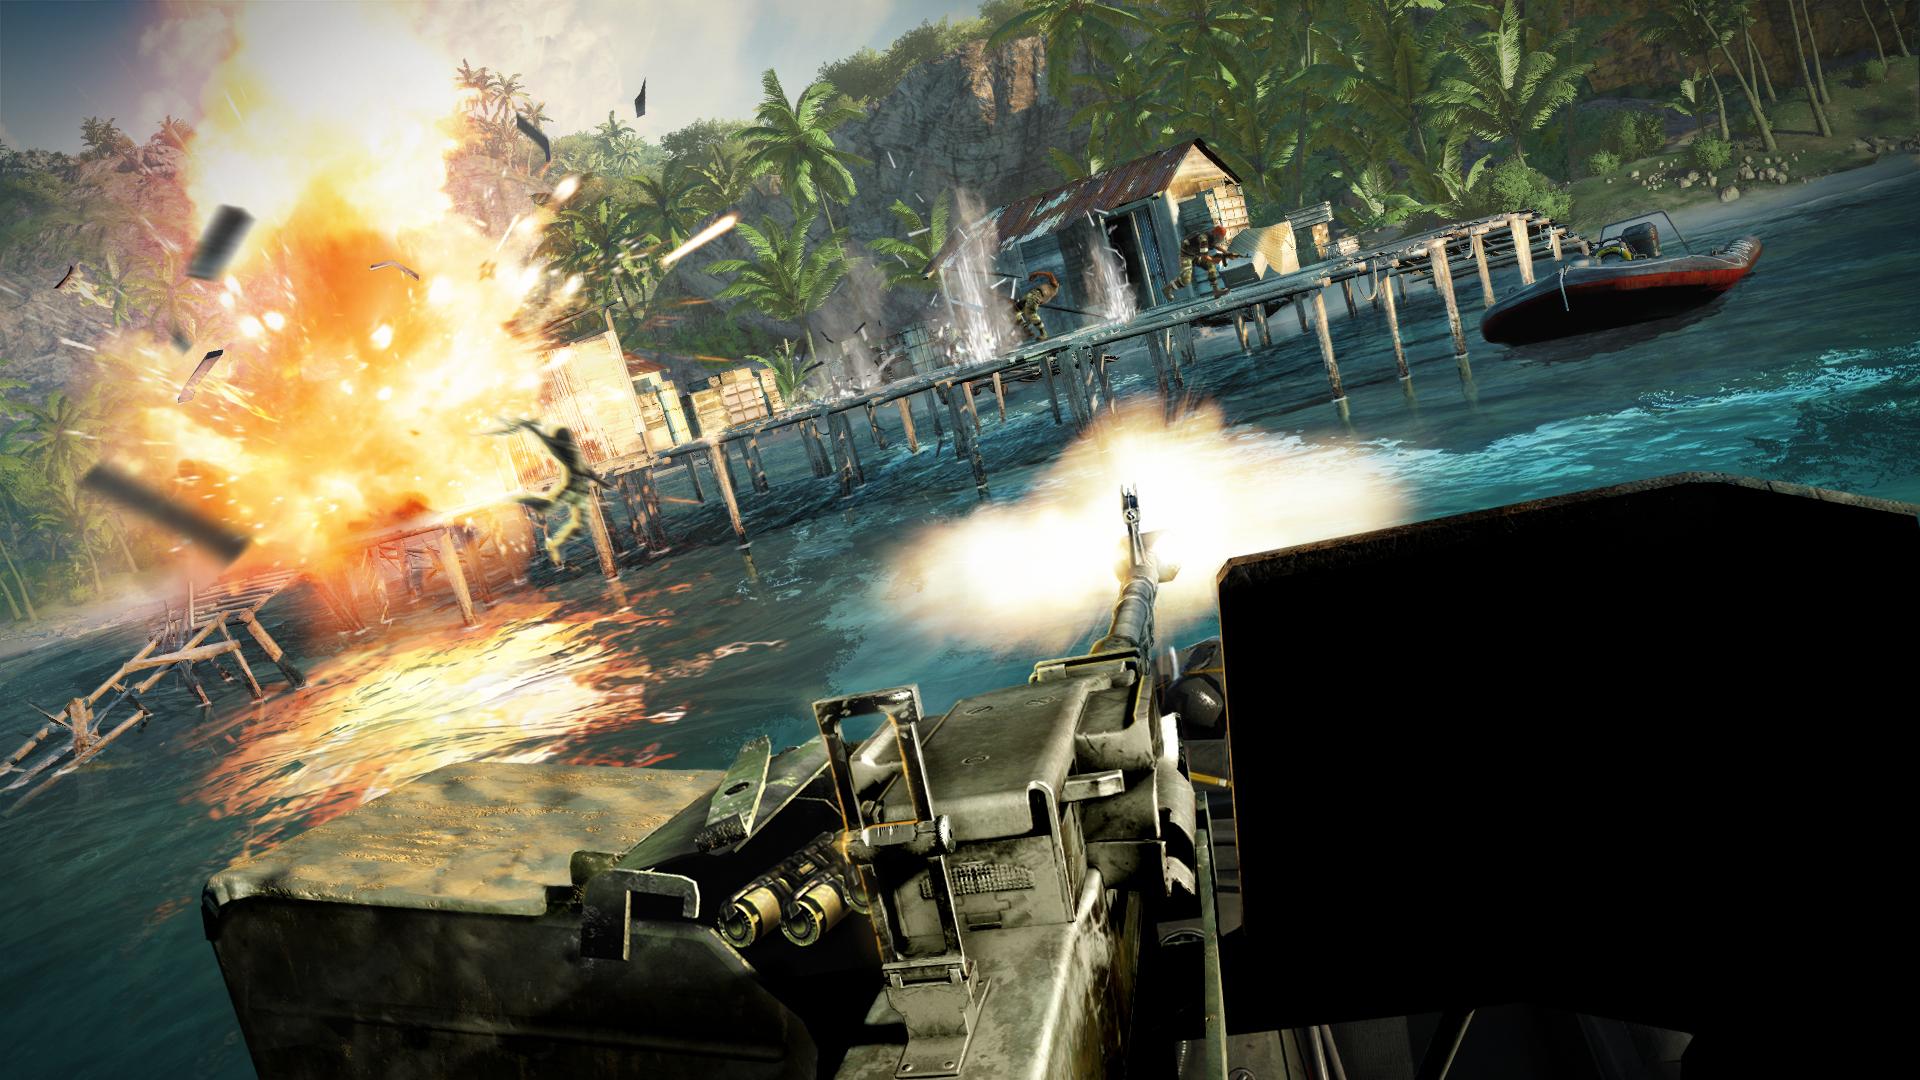 Este trailer de Far Cry 3 es una isla llena de locos con tiburones, tigres y osos [Vídeo]